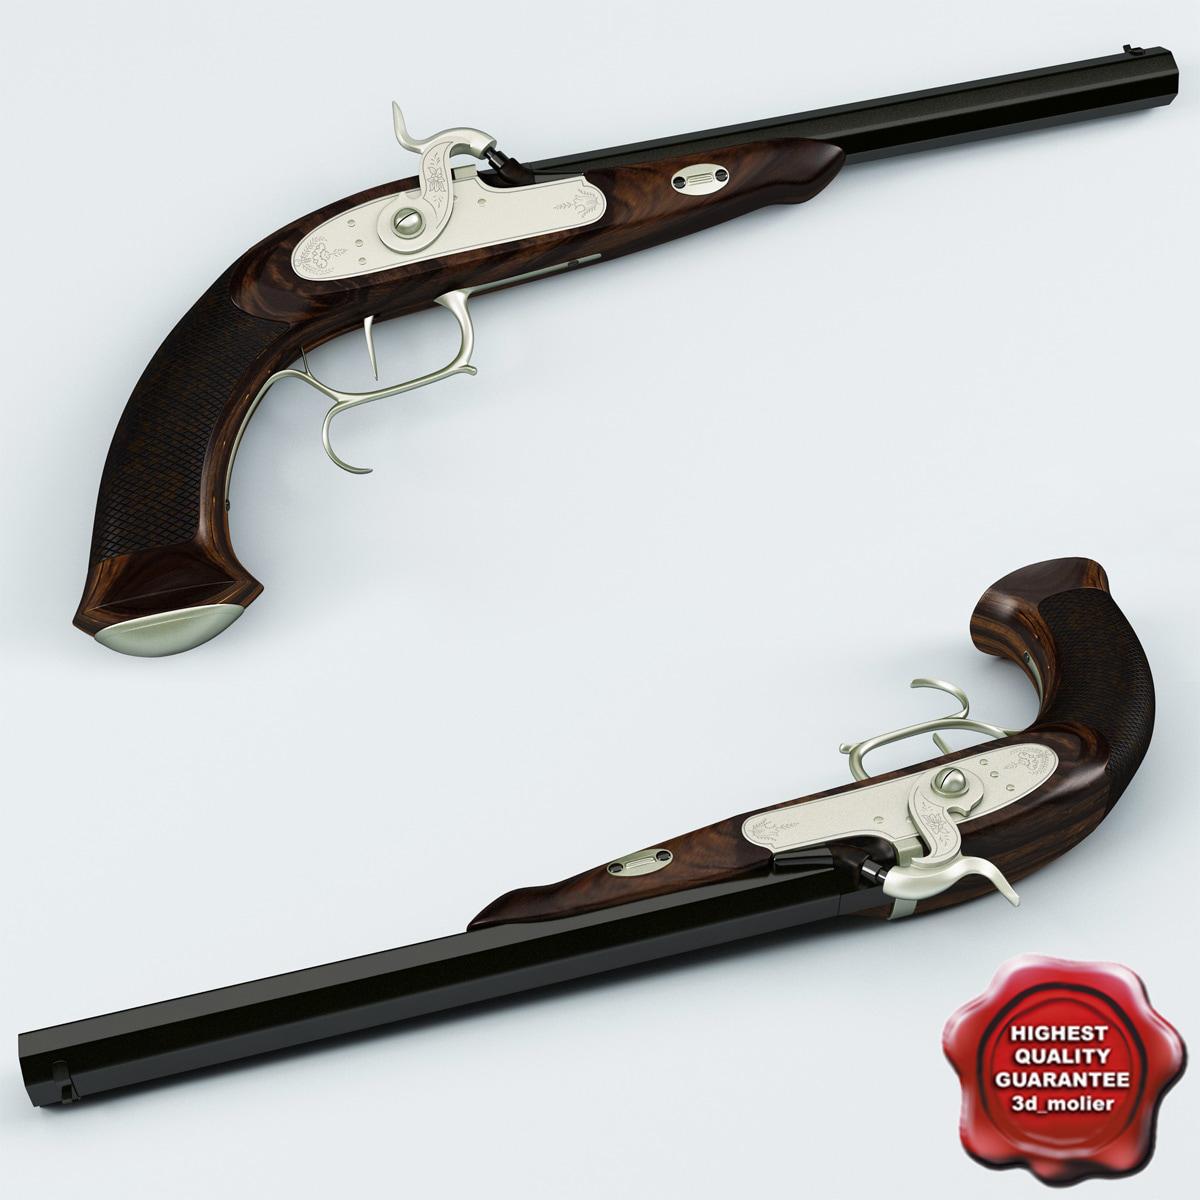 Old_Musket_Pistol_00.jpg